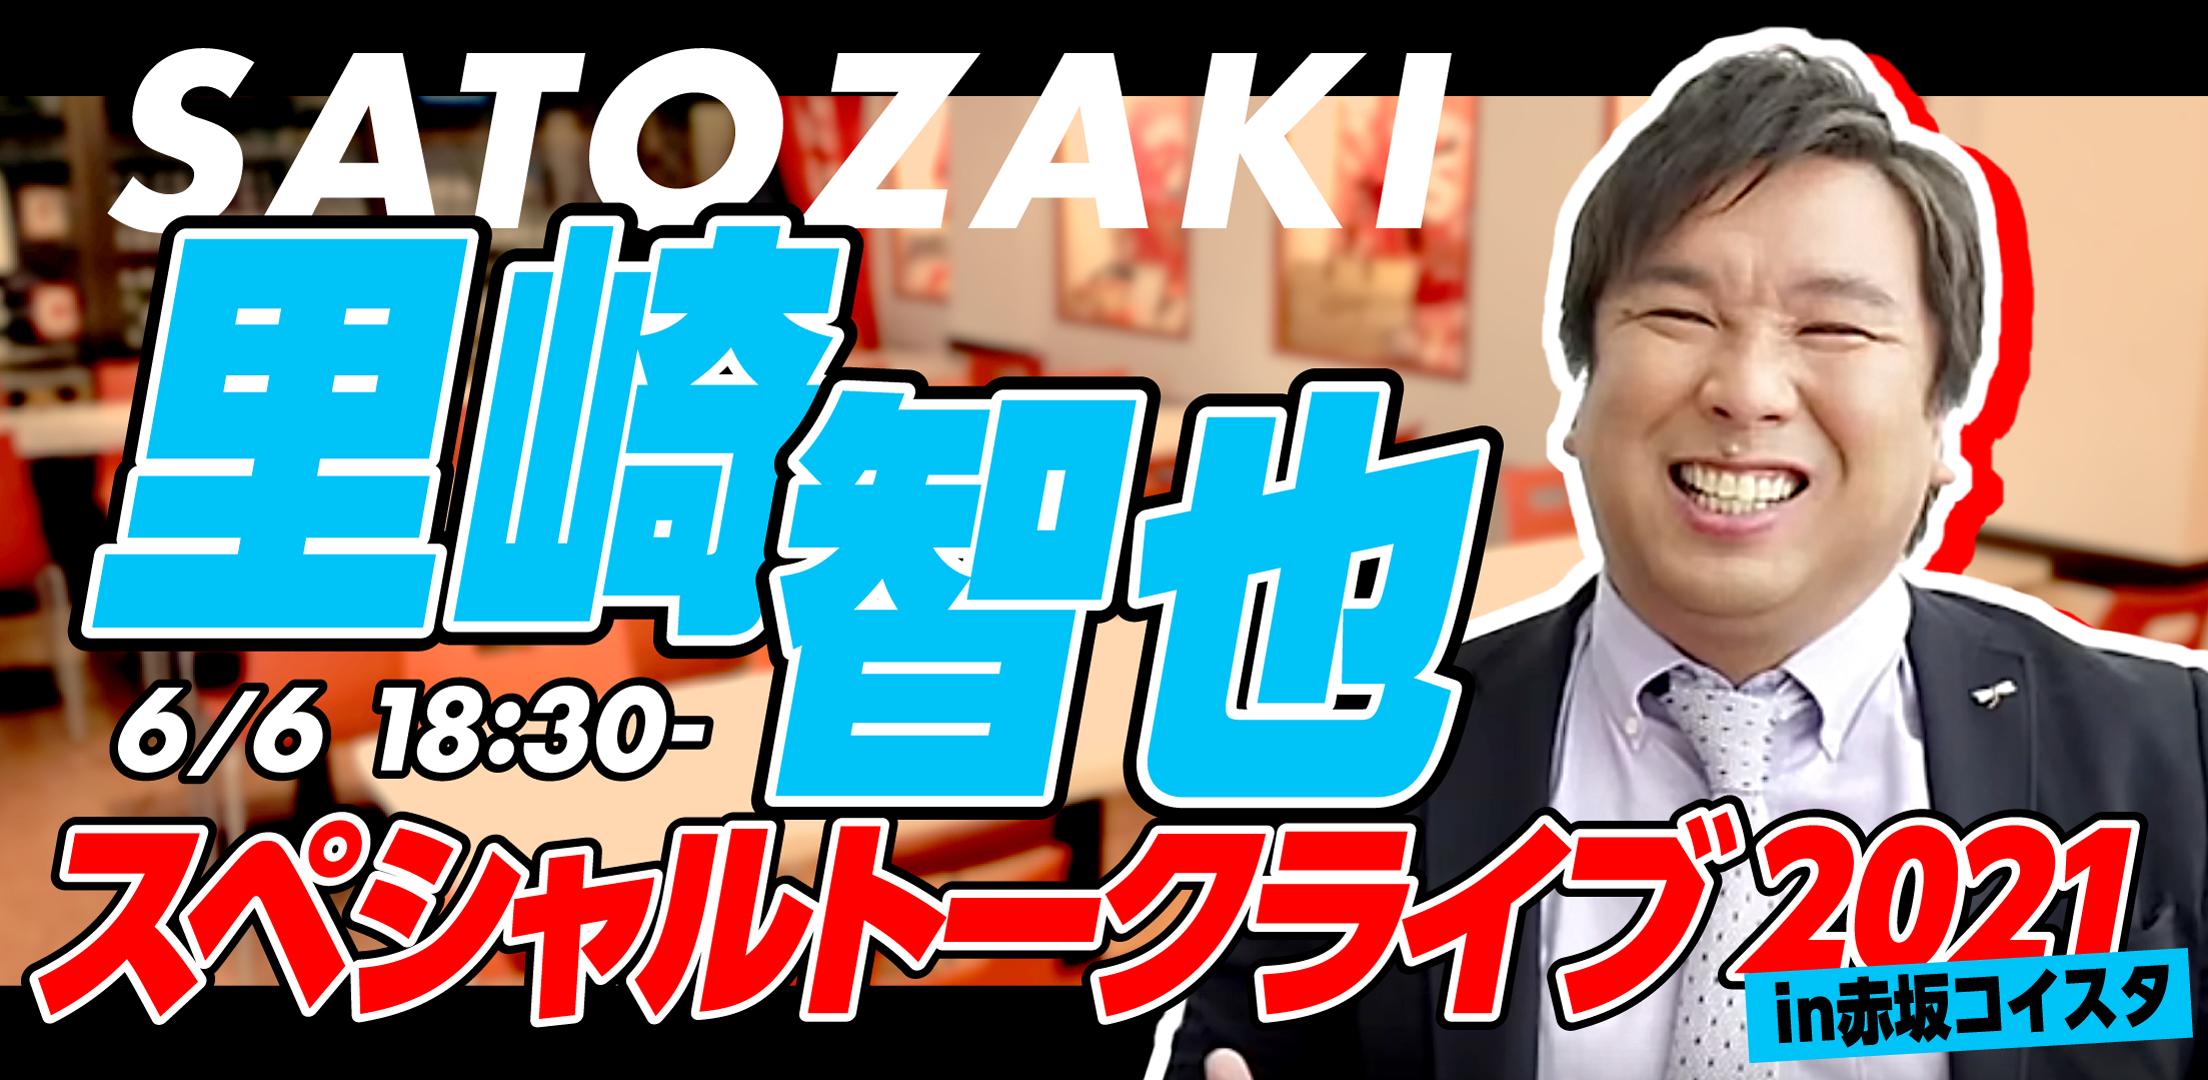 里崎智也スペシャルトークライブ2021inコイスタ